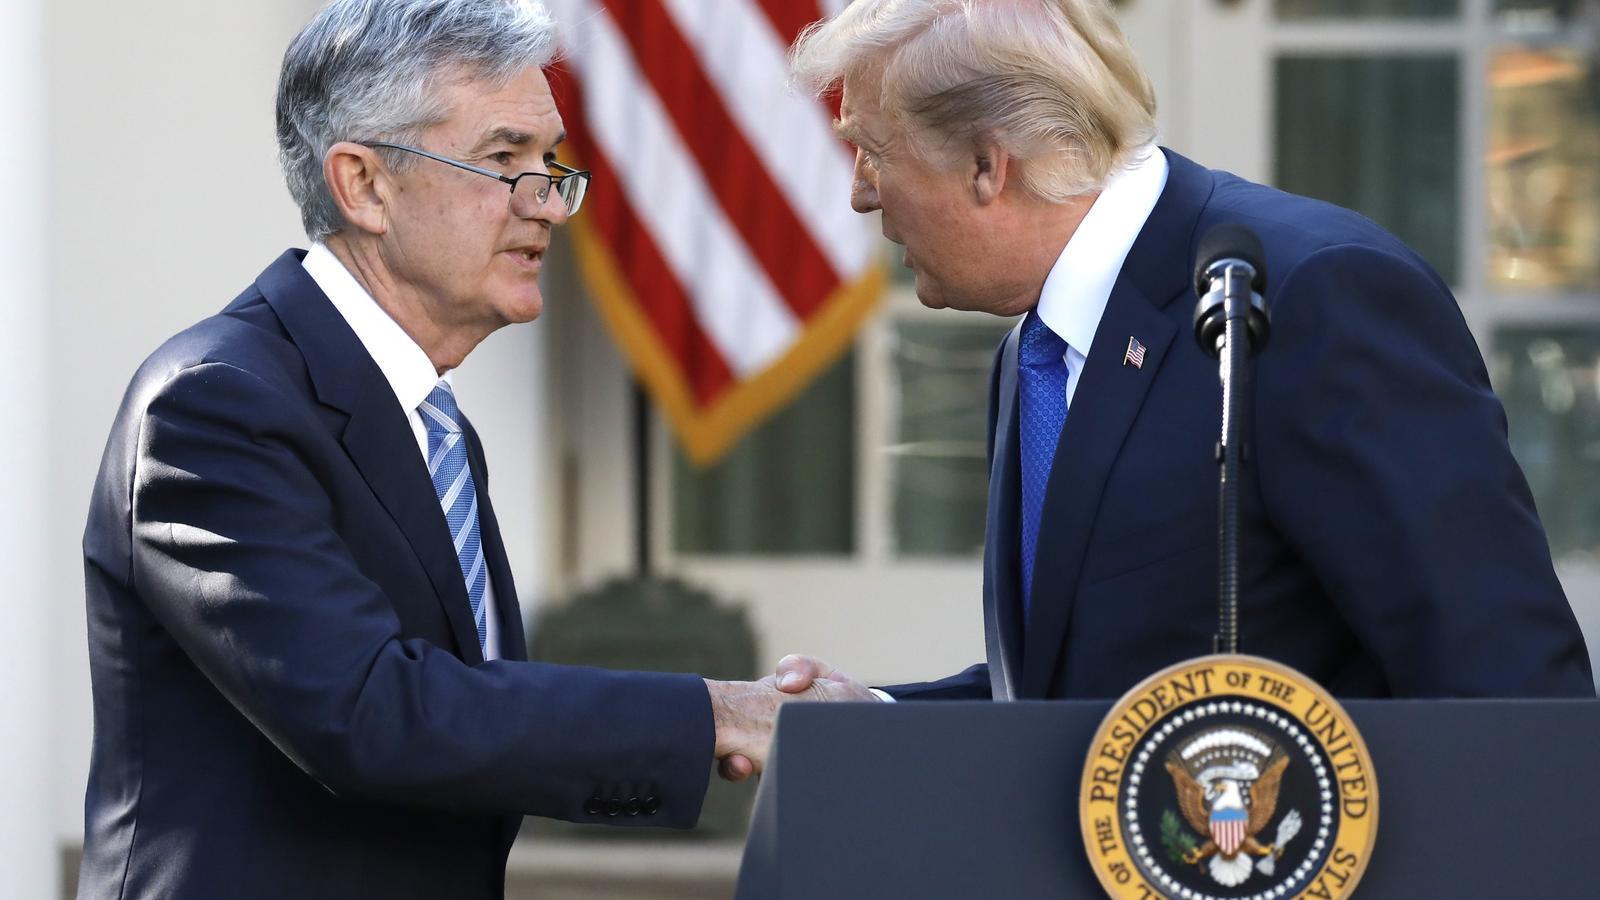 El president dels EUA, Donald Trump, dona la mà al nou president de la Fed, Jerome Powell.